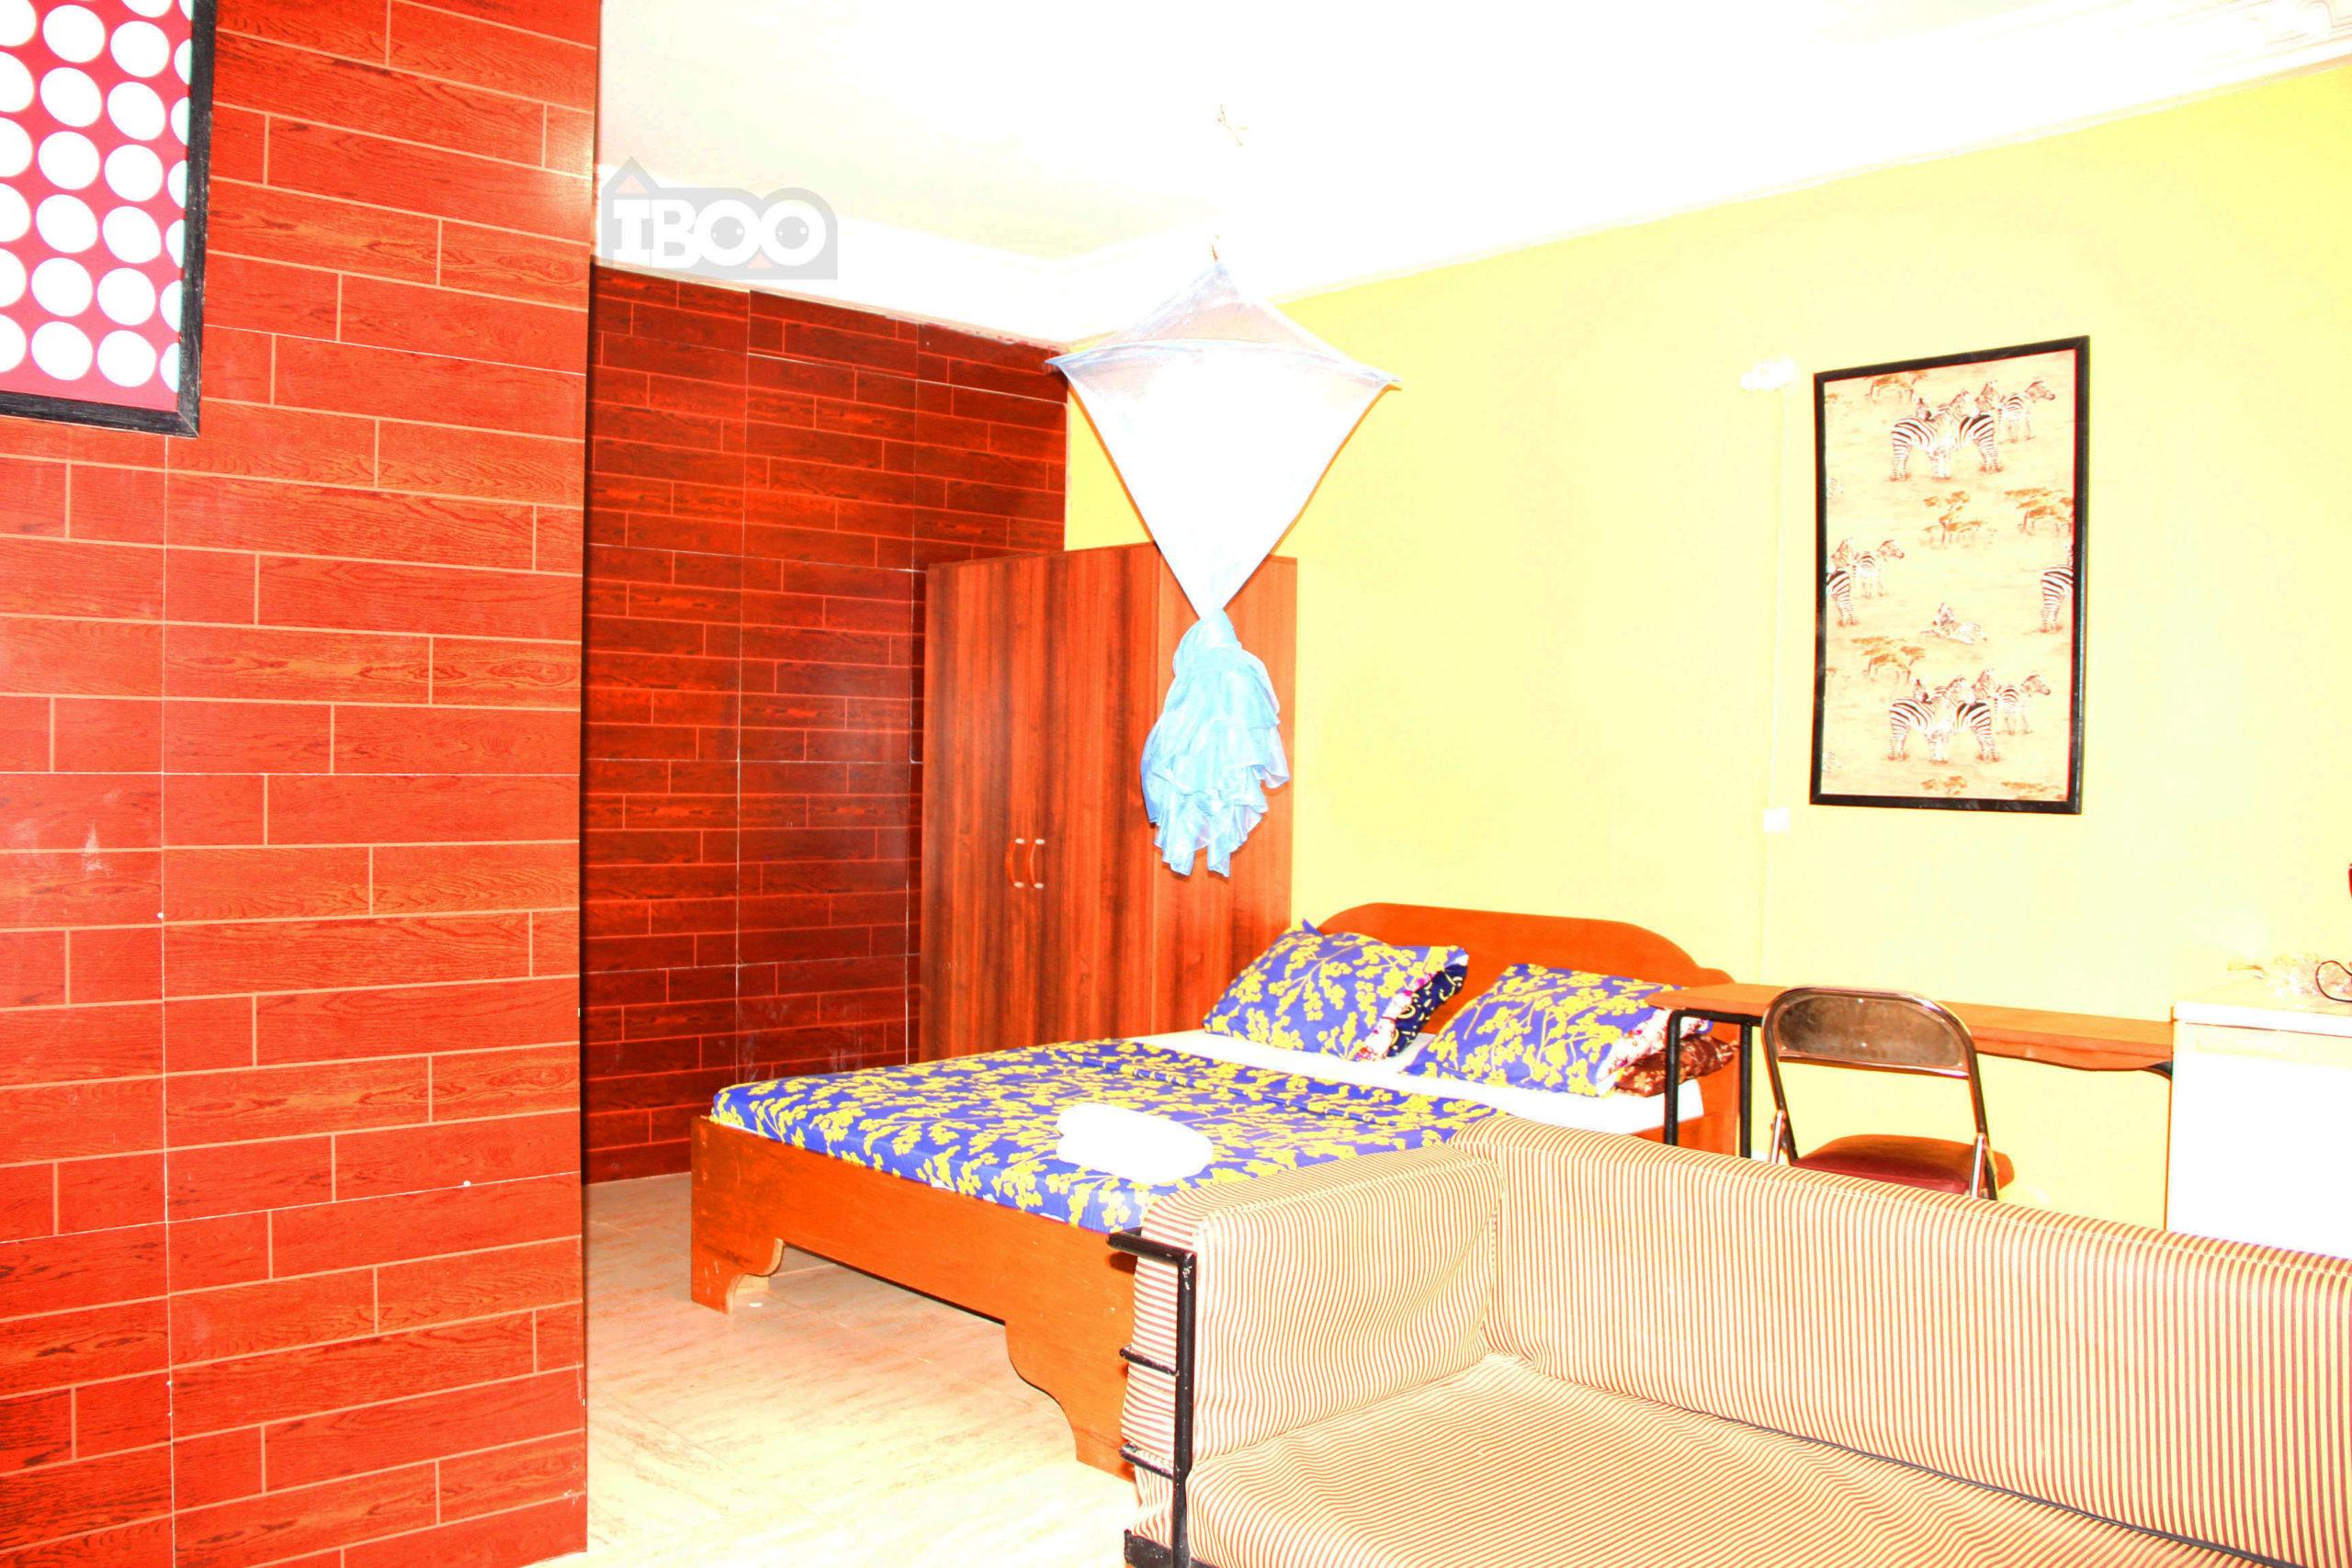 maison de vacance, senegal, Dakar, hann bel'air